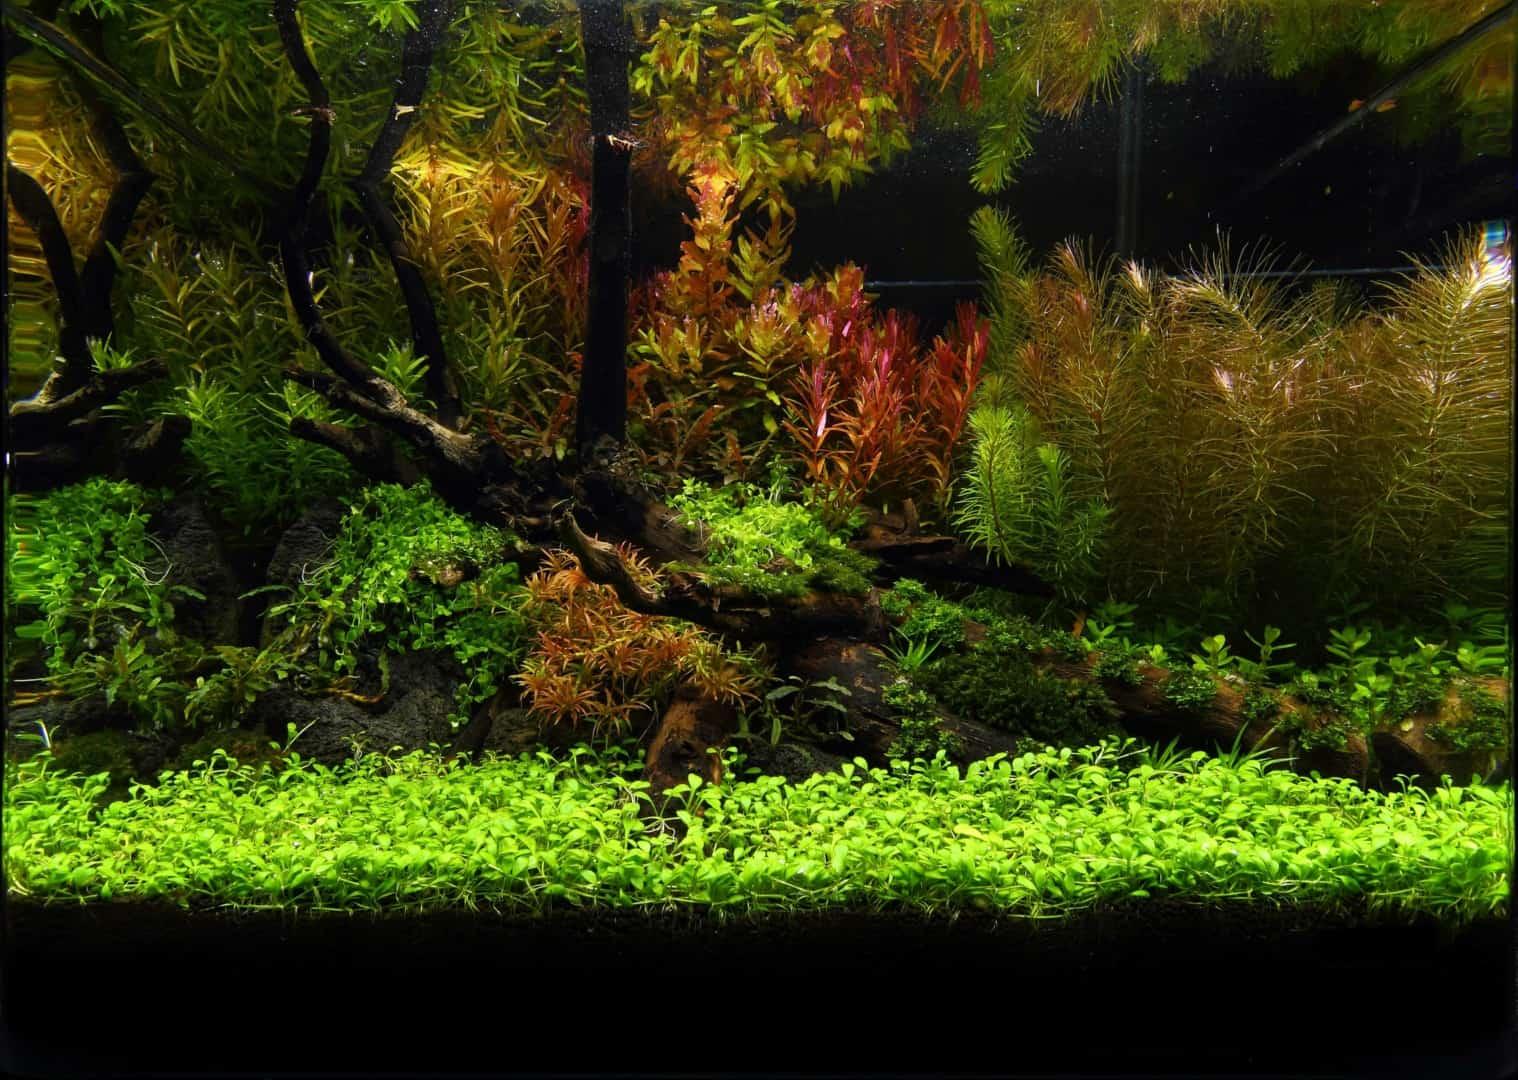 191 - The Art of the Planted Aquarium - Neuheiten und Möglichkeiten zum Mitmachen im April 2019 (Stefanie Hesse) 35